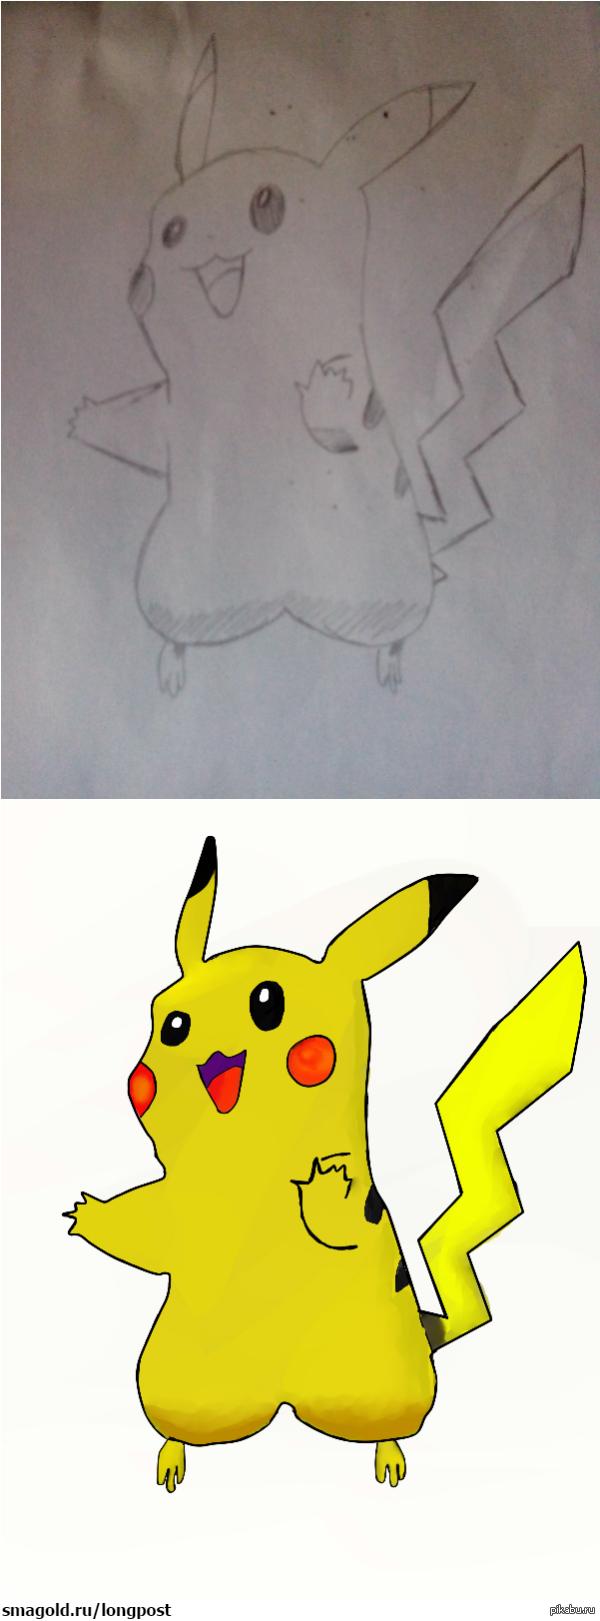 Сестра нарисовала пикачу, а потом обработала в paint tool sai